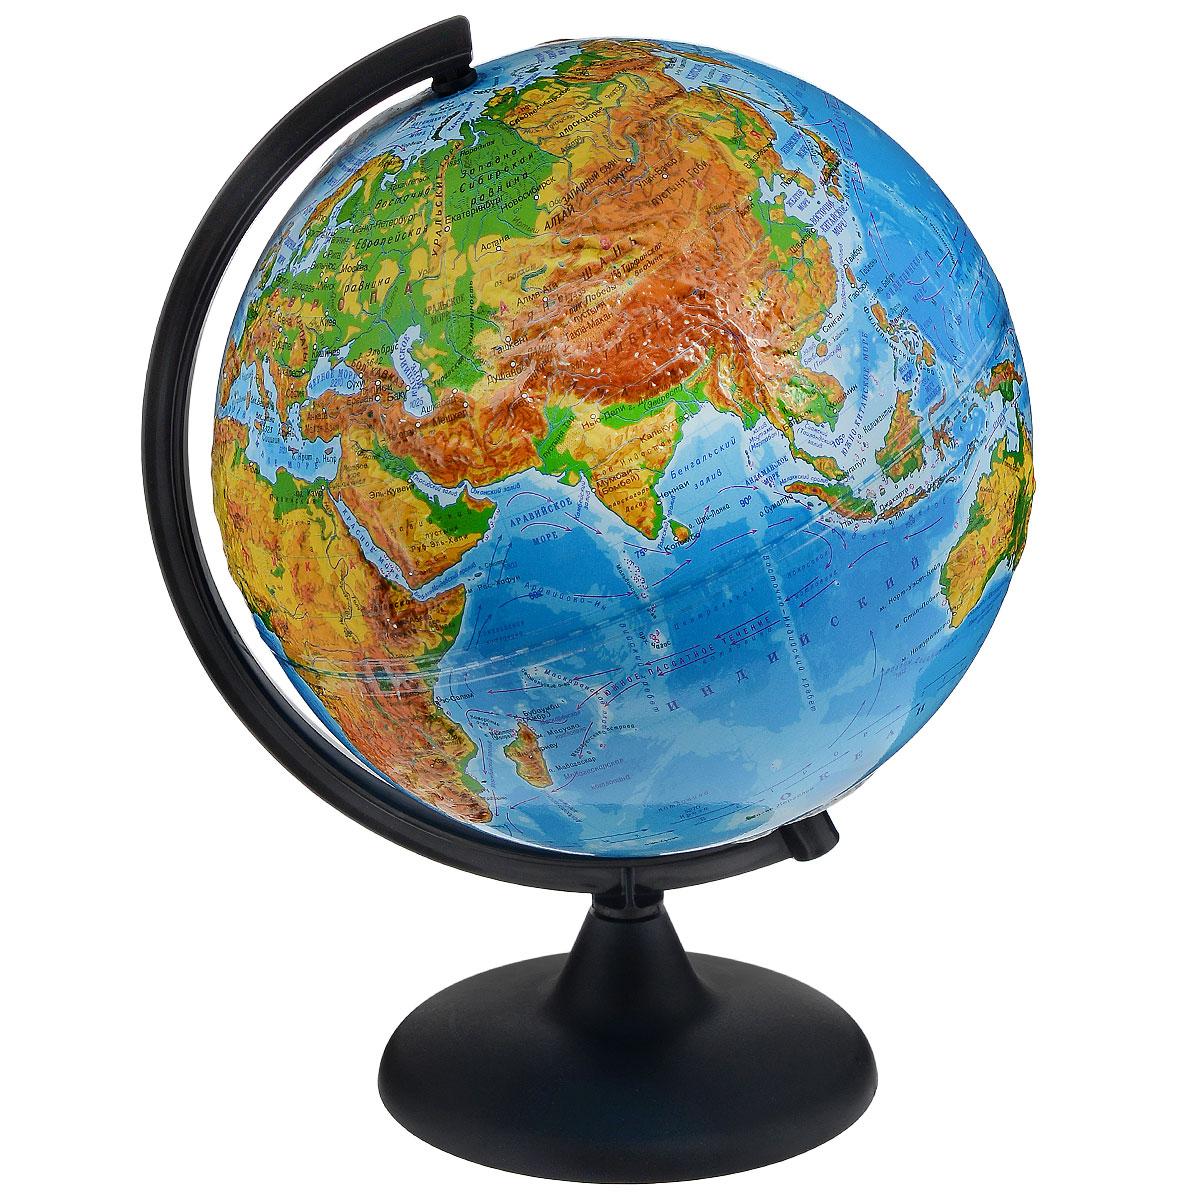 Глобусный мир Глобус с физической картой, рельефный, диаметр 25 см, на подставке 10176